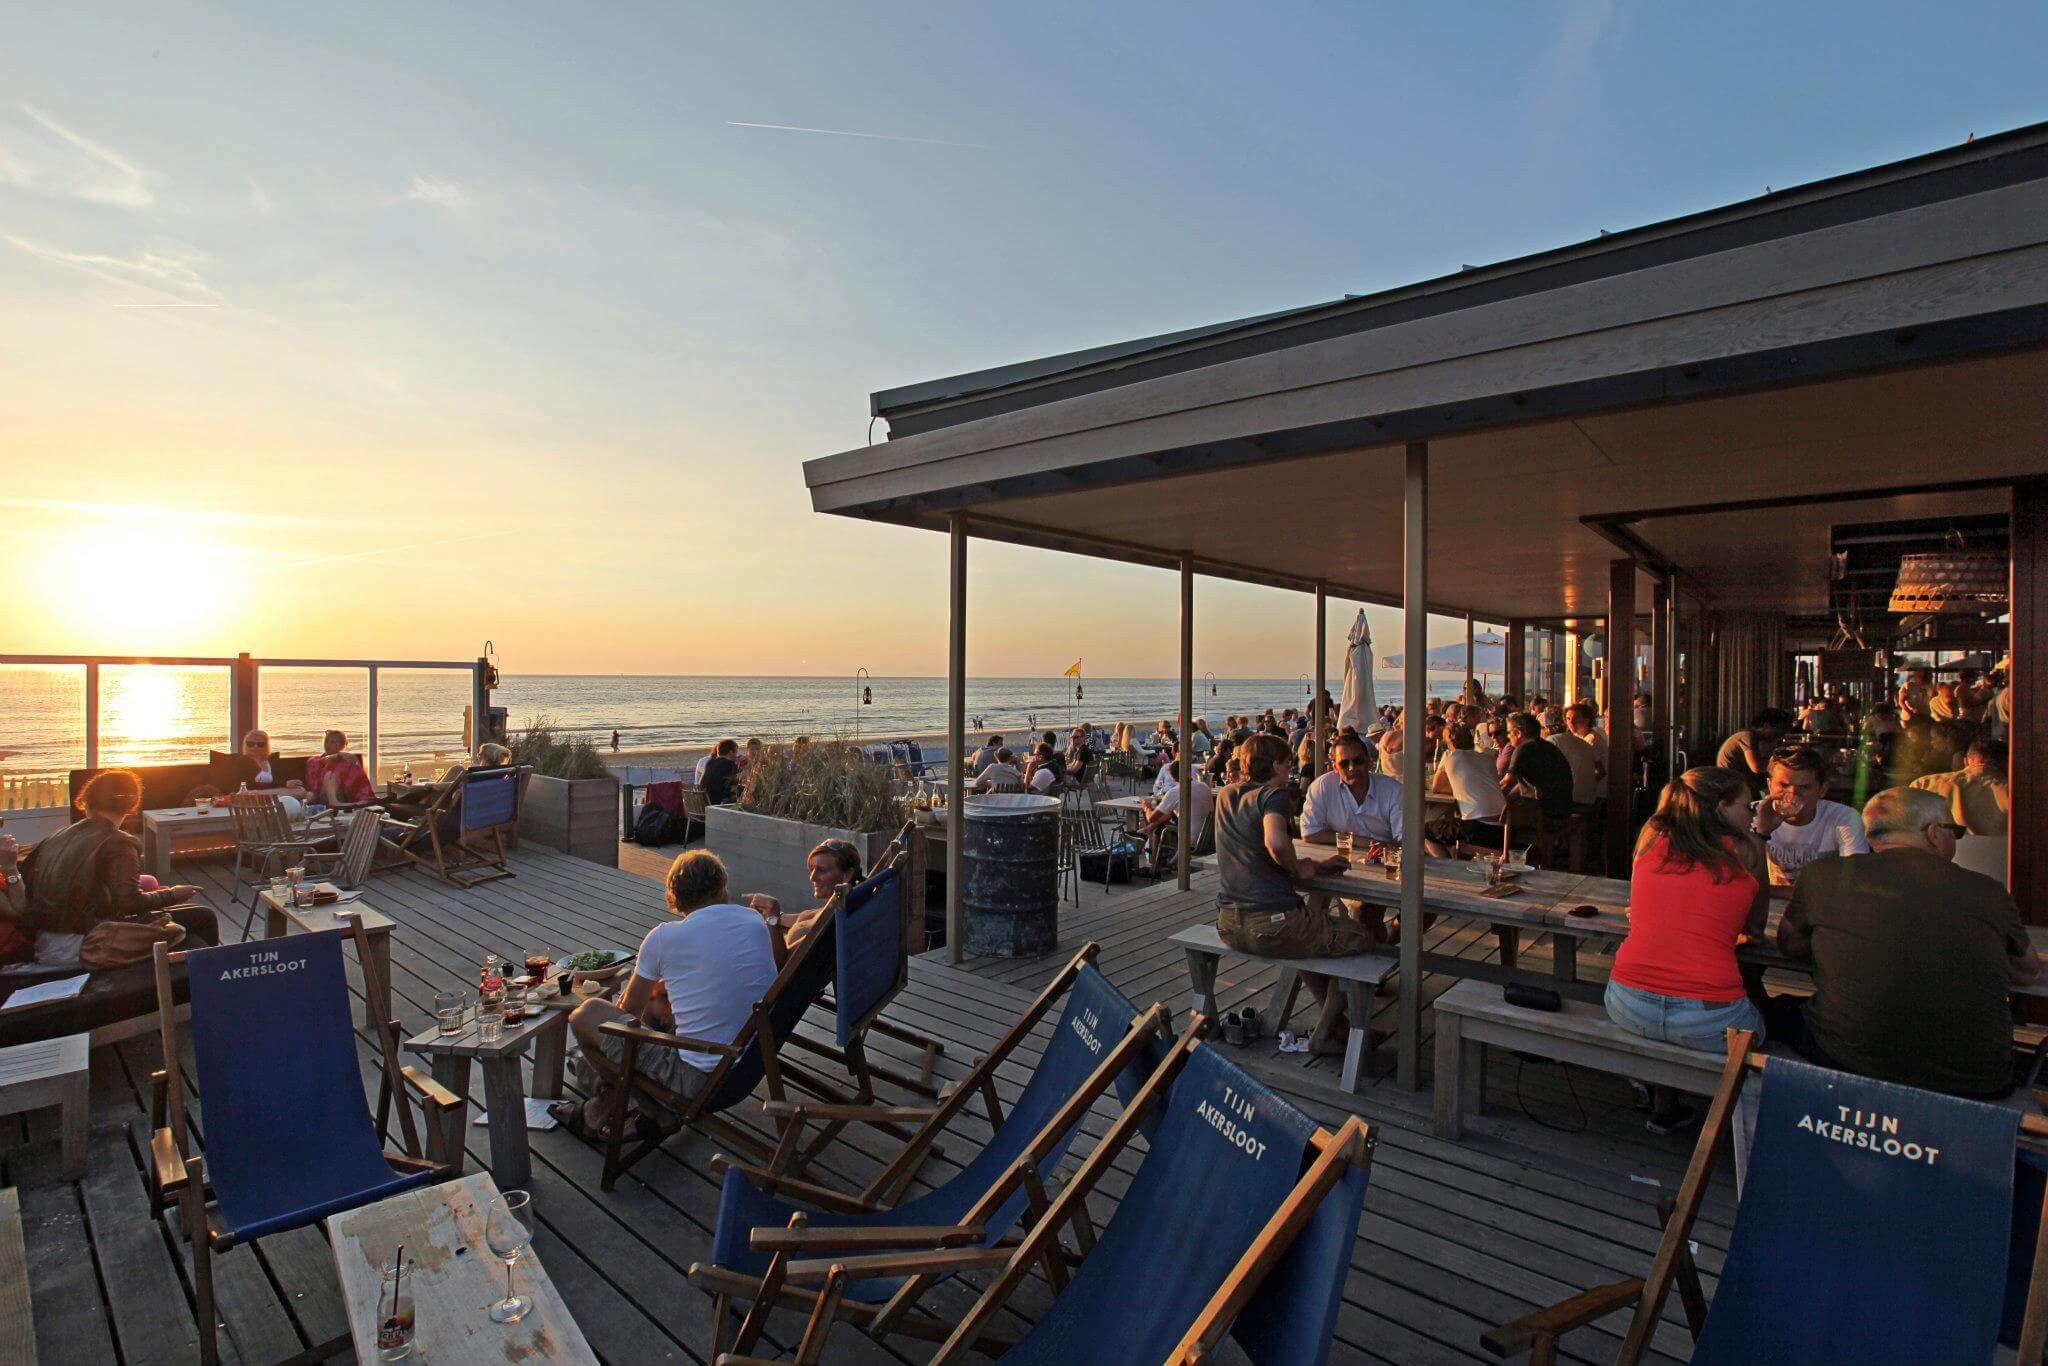 Dagaanbieding - FLASHDEAL ⚡ 2, 3 of 4 dagen in luxe 4*-Van der Valk hotel Haarlem nabij het strand van Zandvoort en Bloemendaal incl. ontbijt dagelijkse koopjes